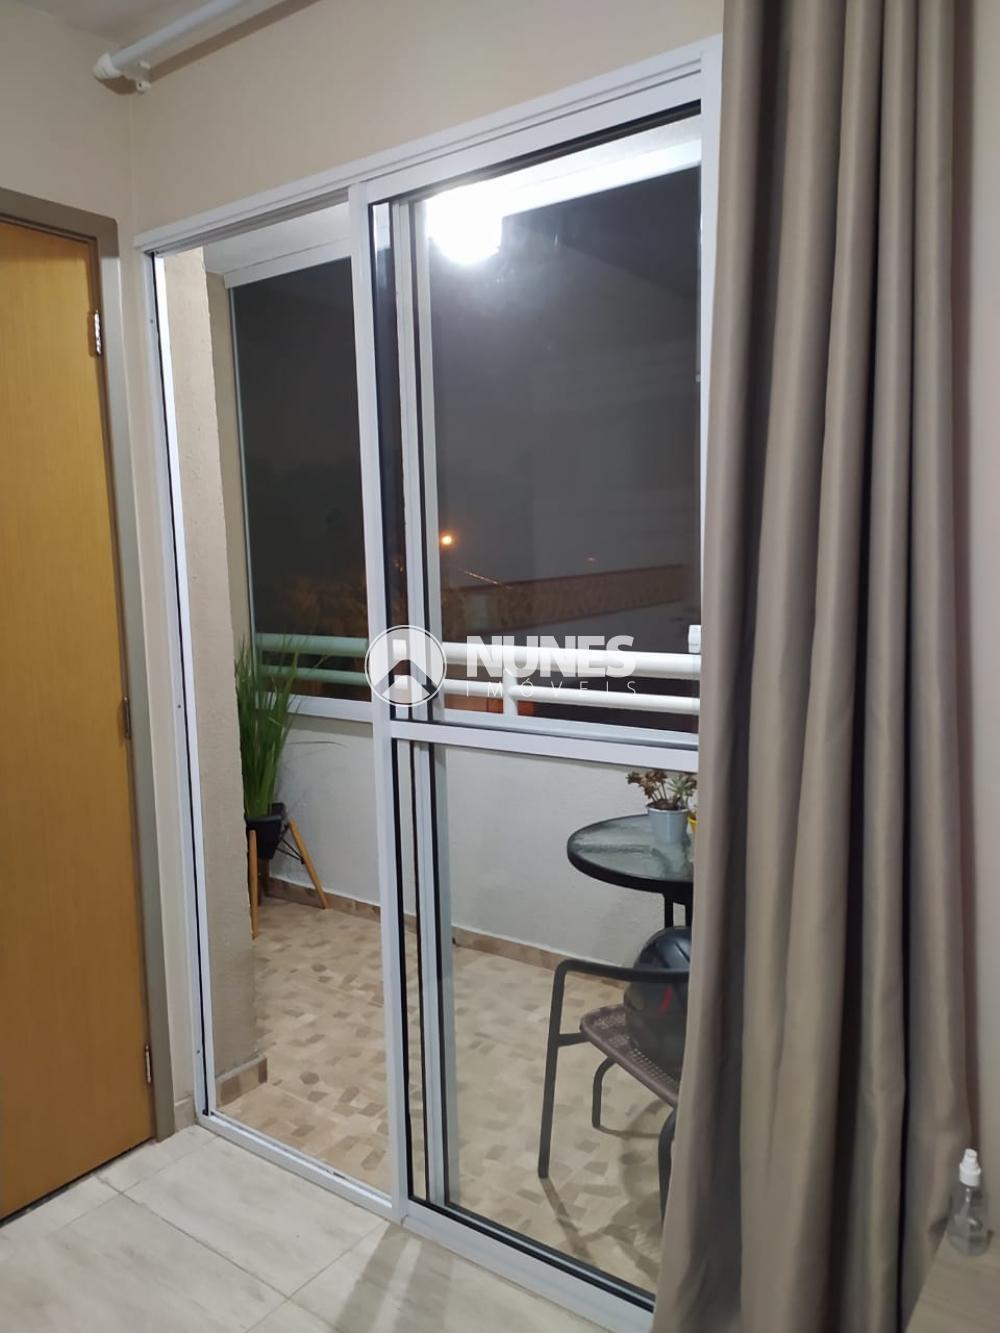 Comprar Apartamento / Padrão em Cotia R$ 220.000,00 - Foto 36